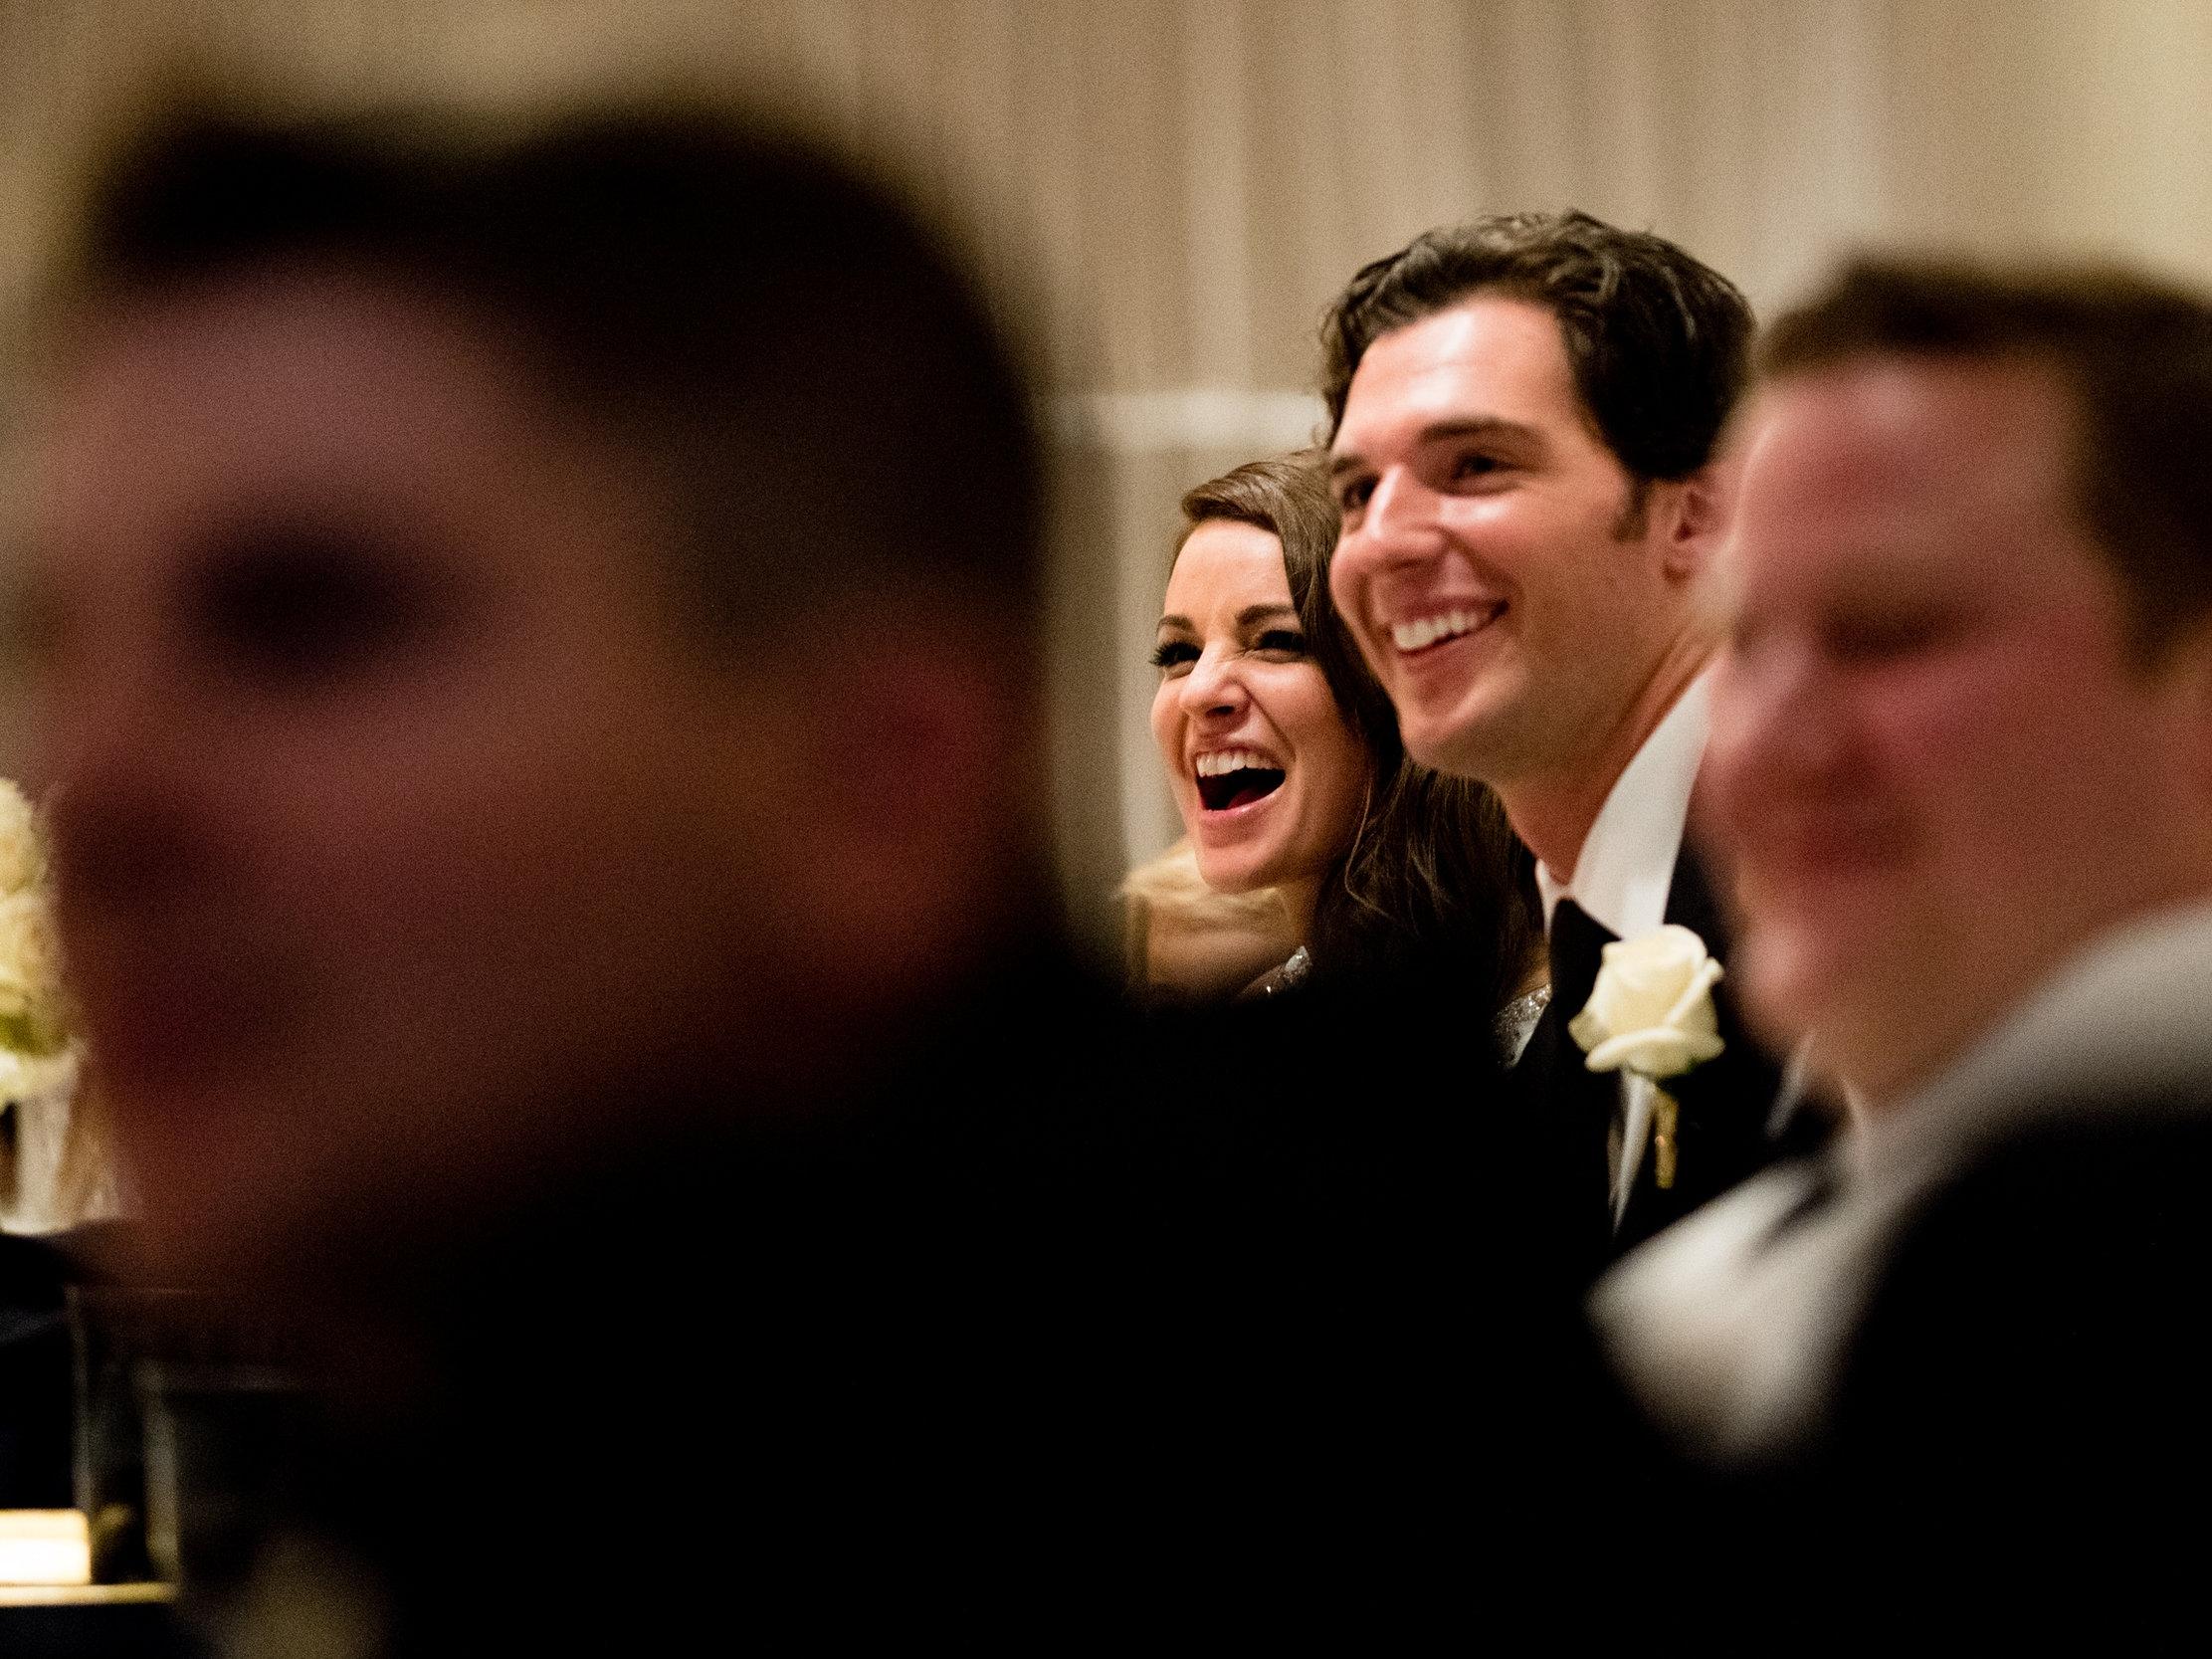 brainerd mn wedding best man speech